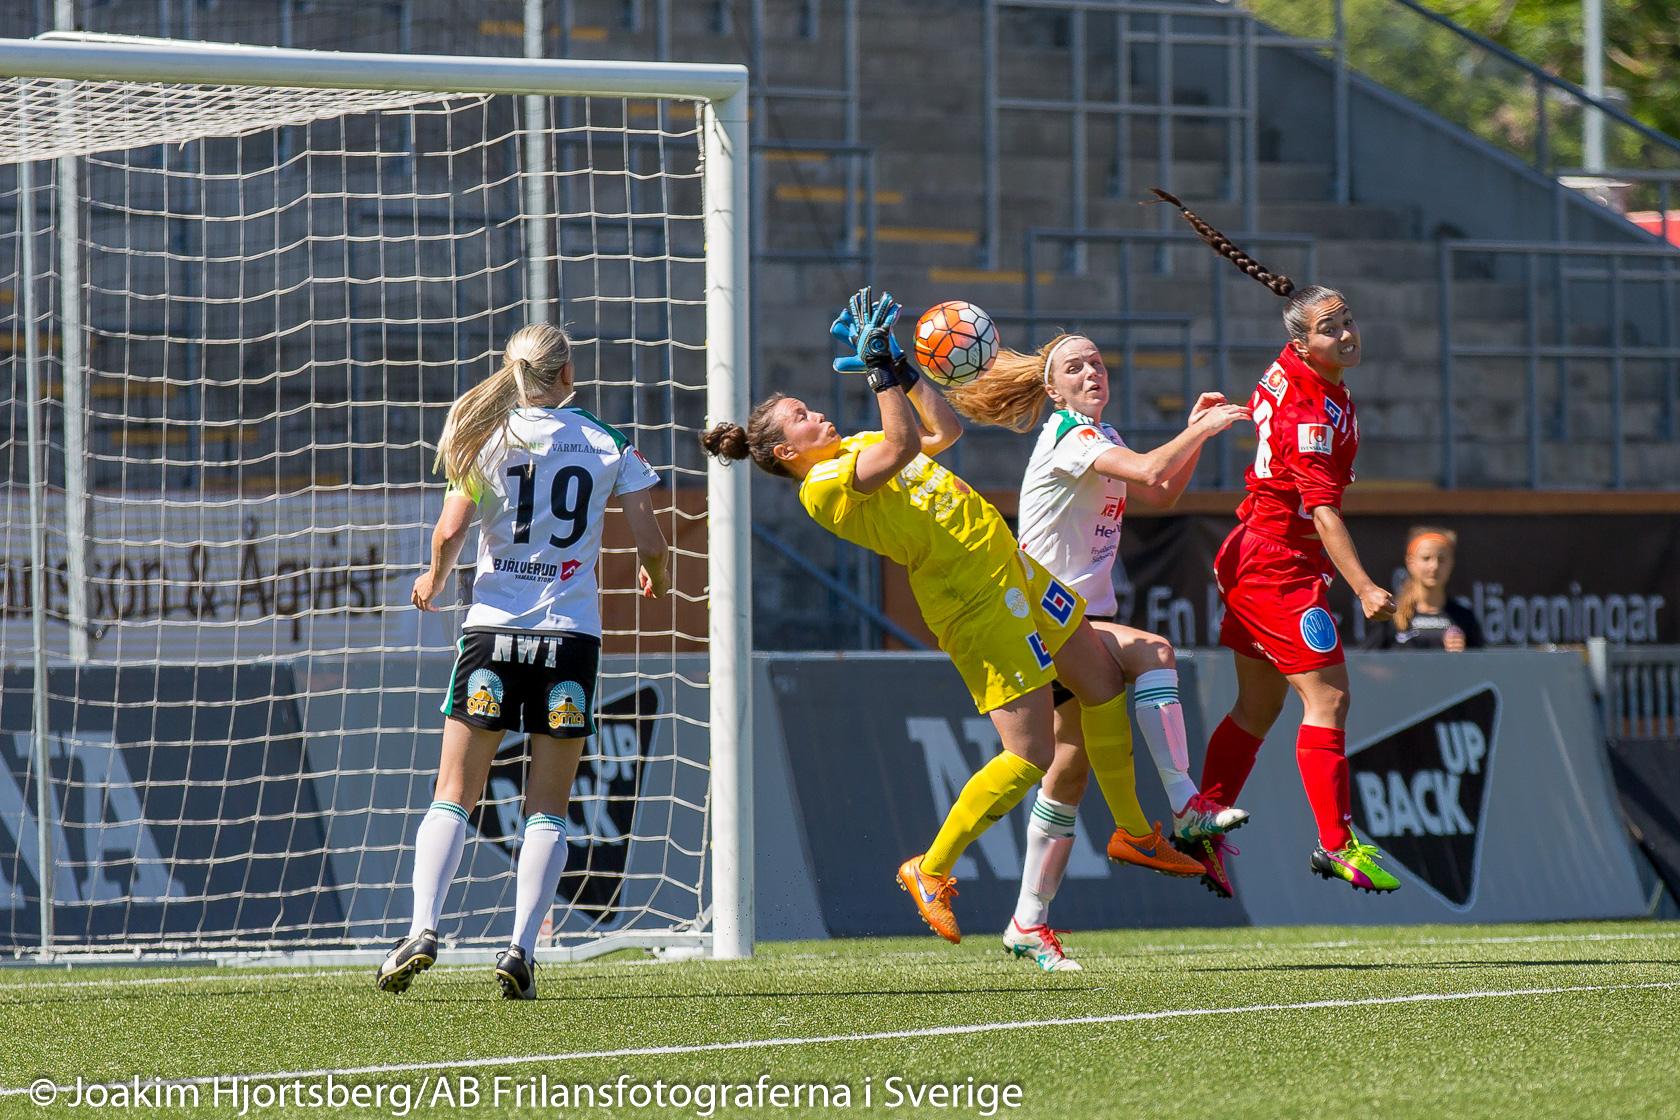 2016-07-10 KIF Örebro DFF-Mallbackens IF